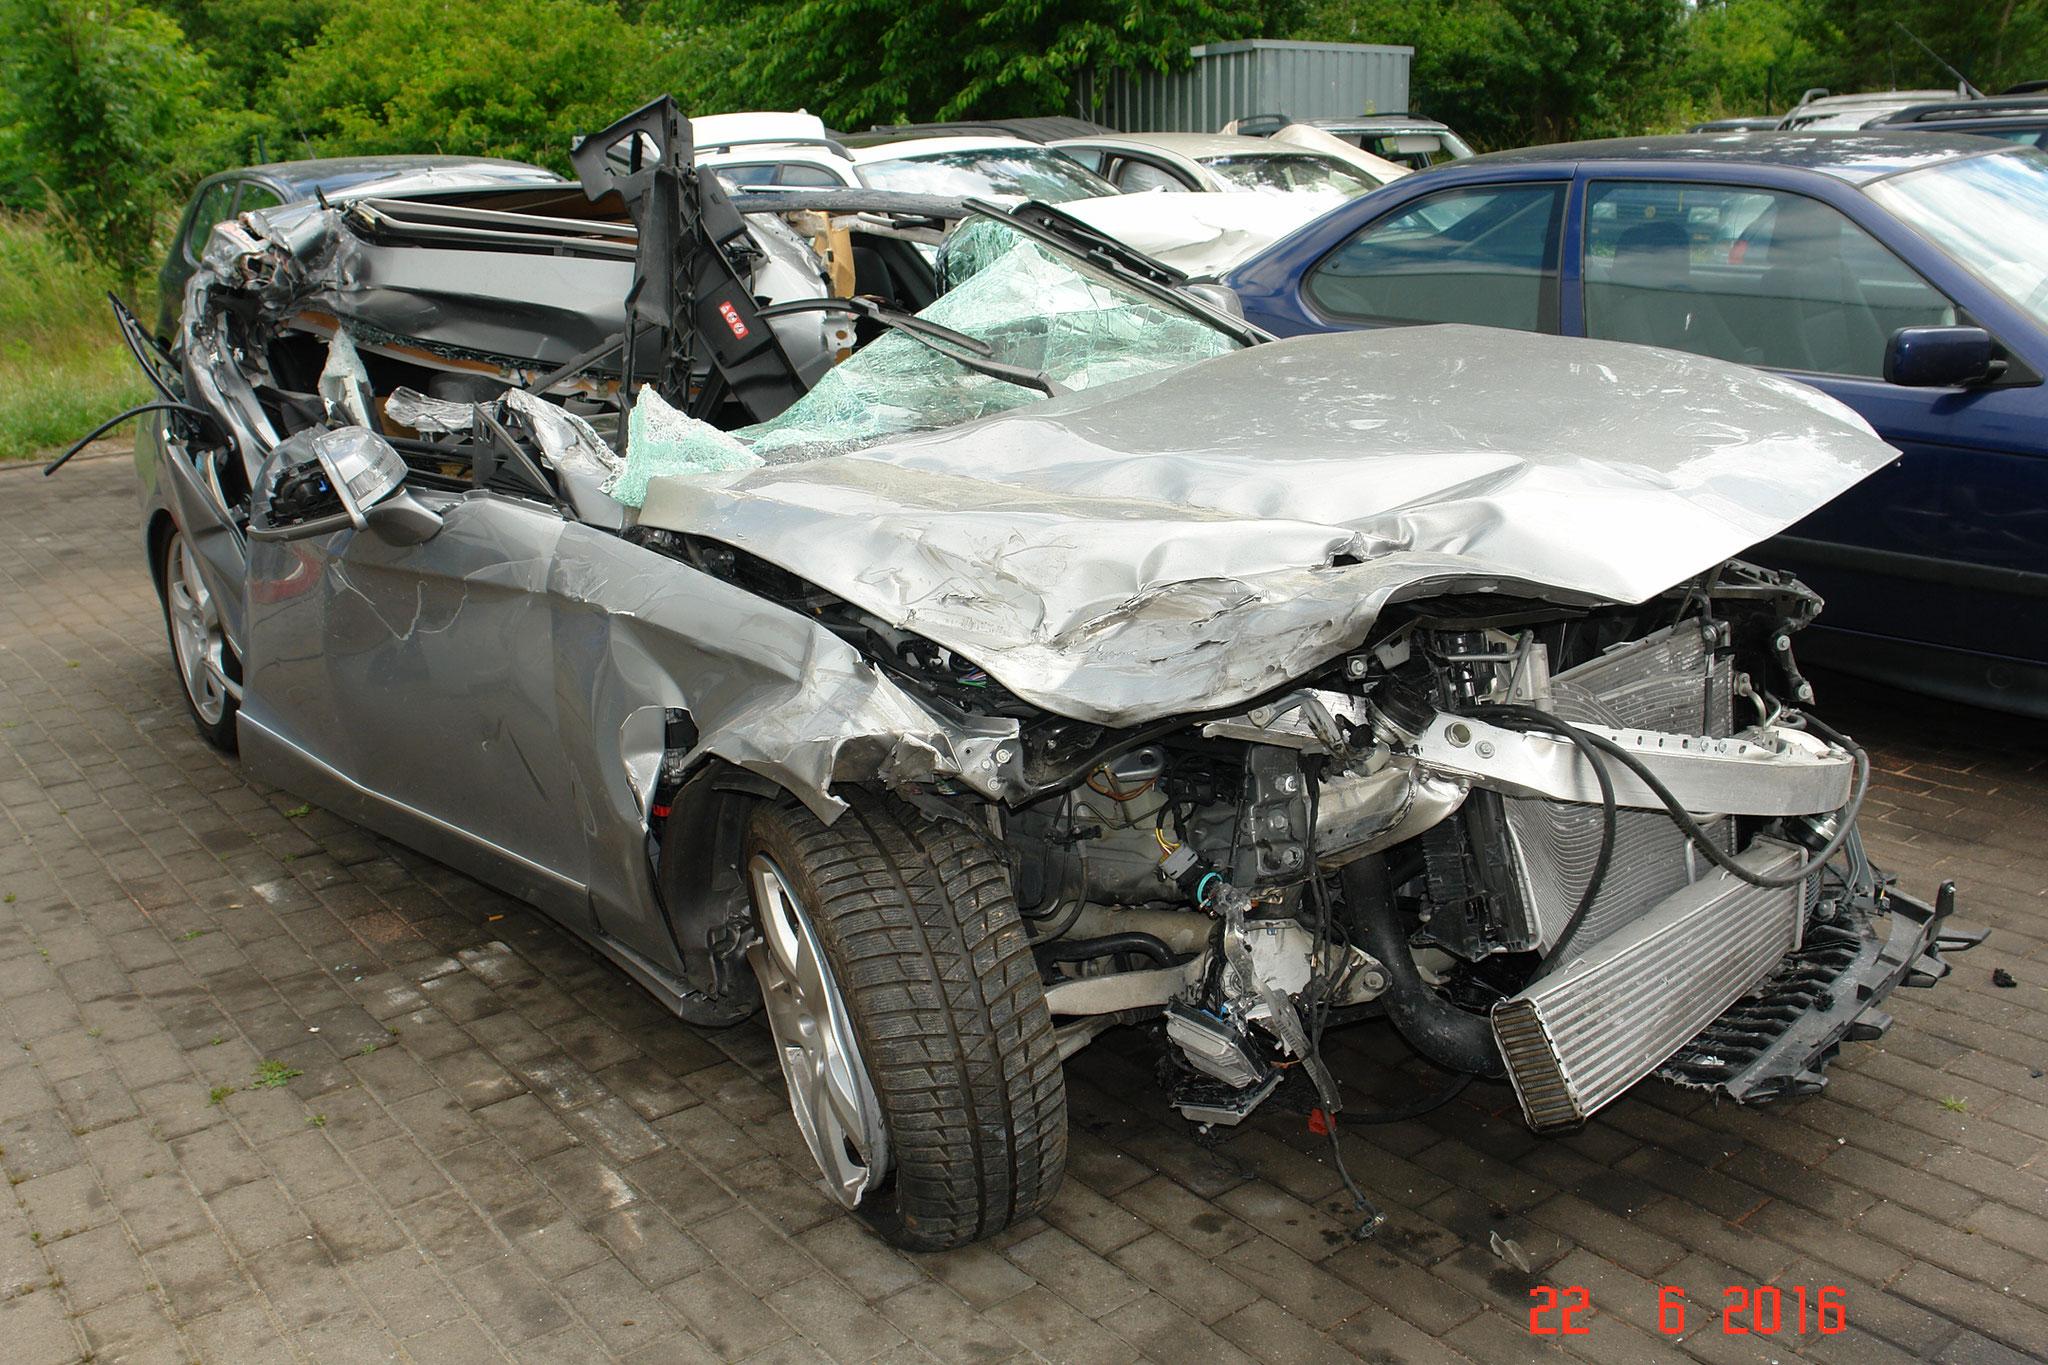 nahezu komplette Zerstörung der rechten Fahrzeugseite